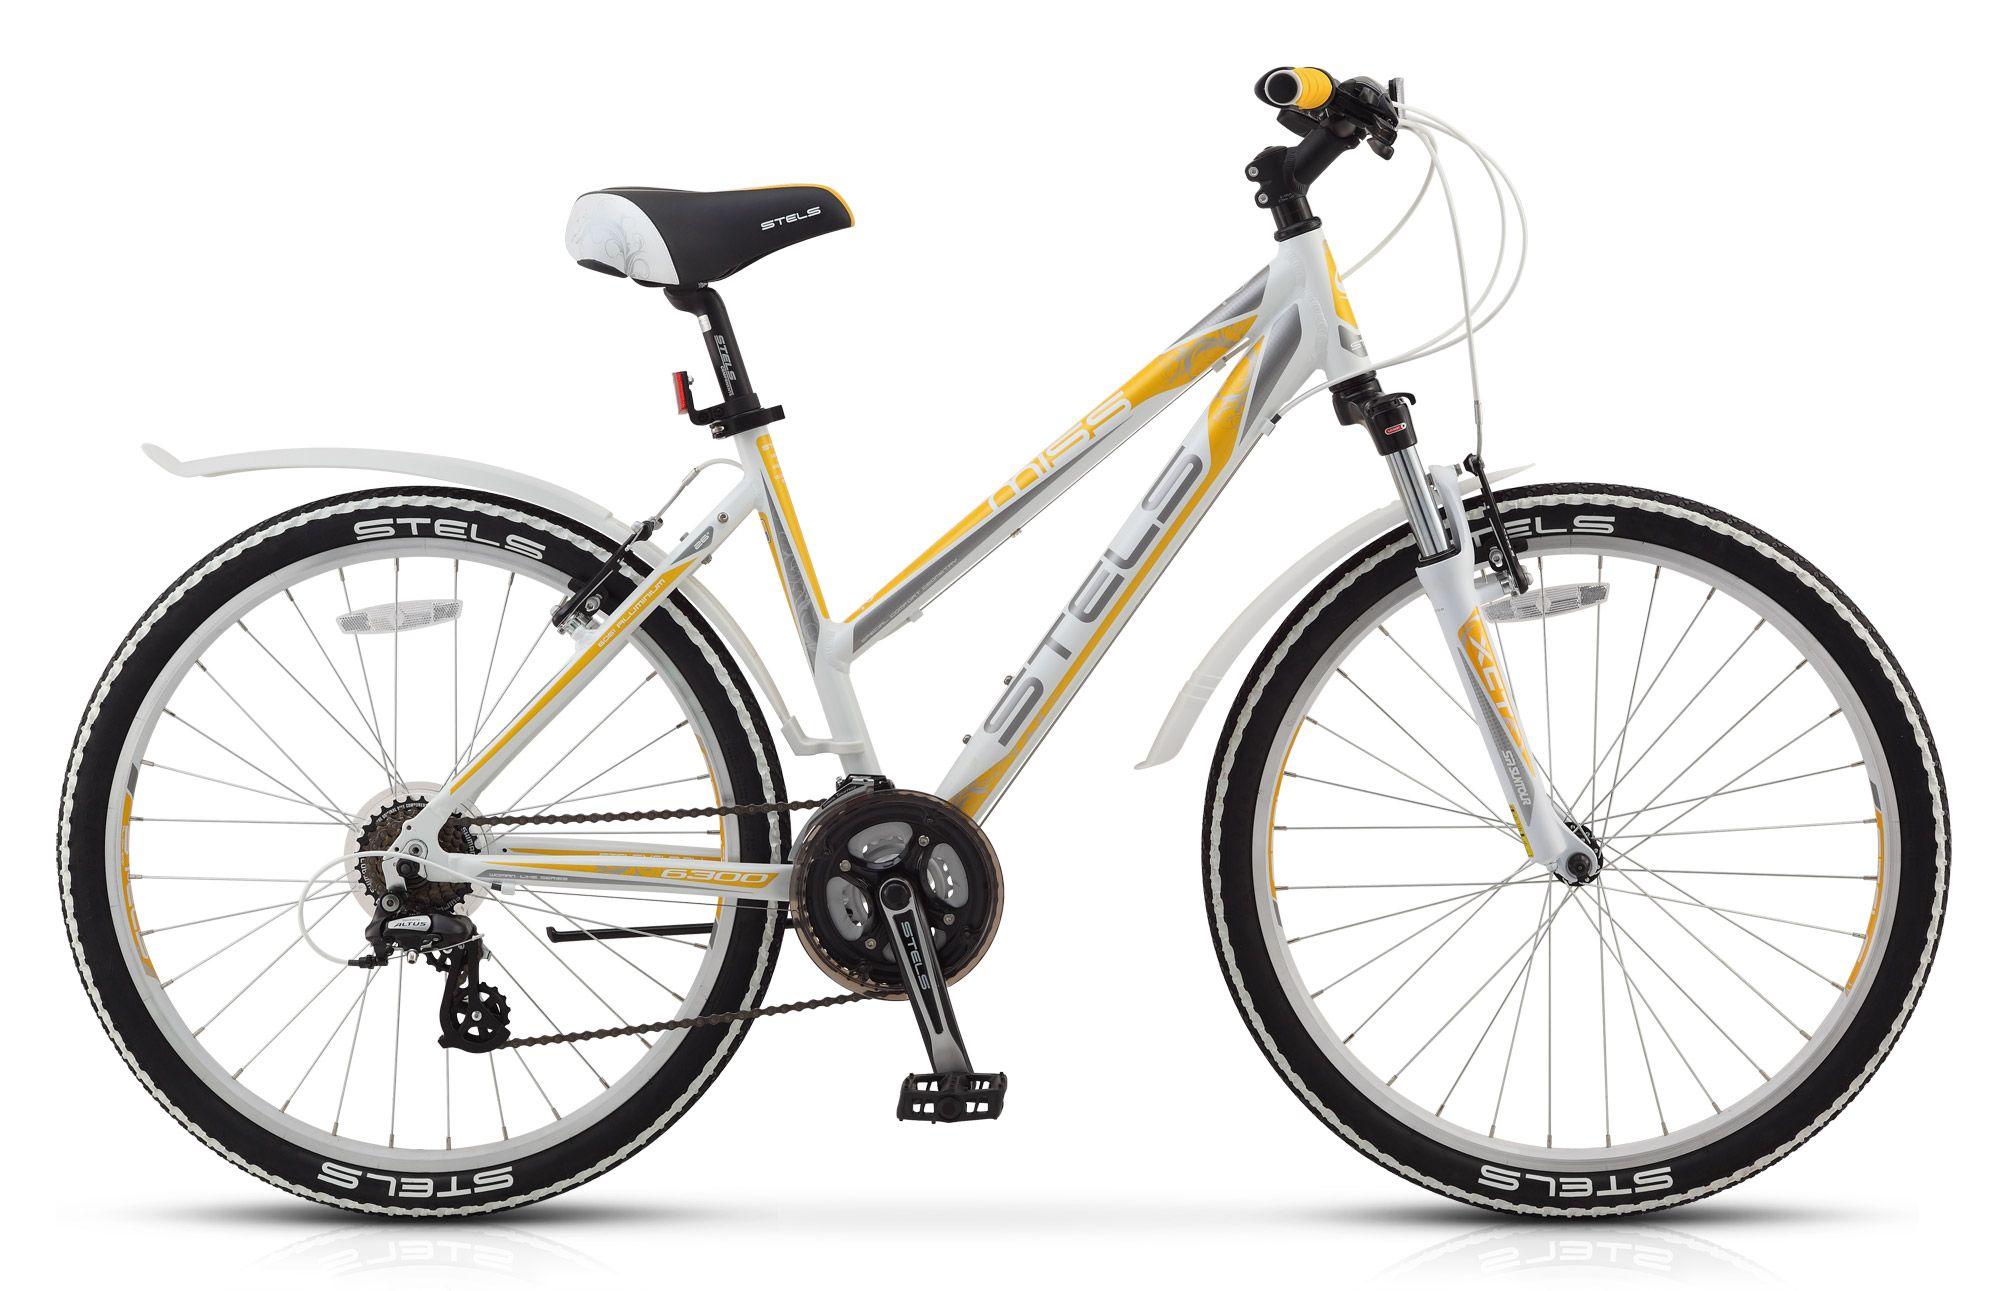 Велосипед Stels Miss 6300 V (2016) бело-серо-желтый 17.5